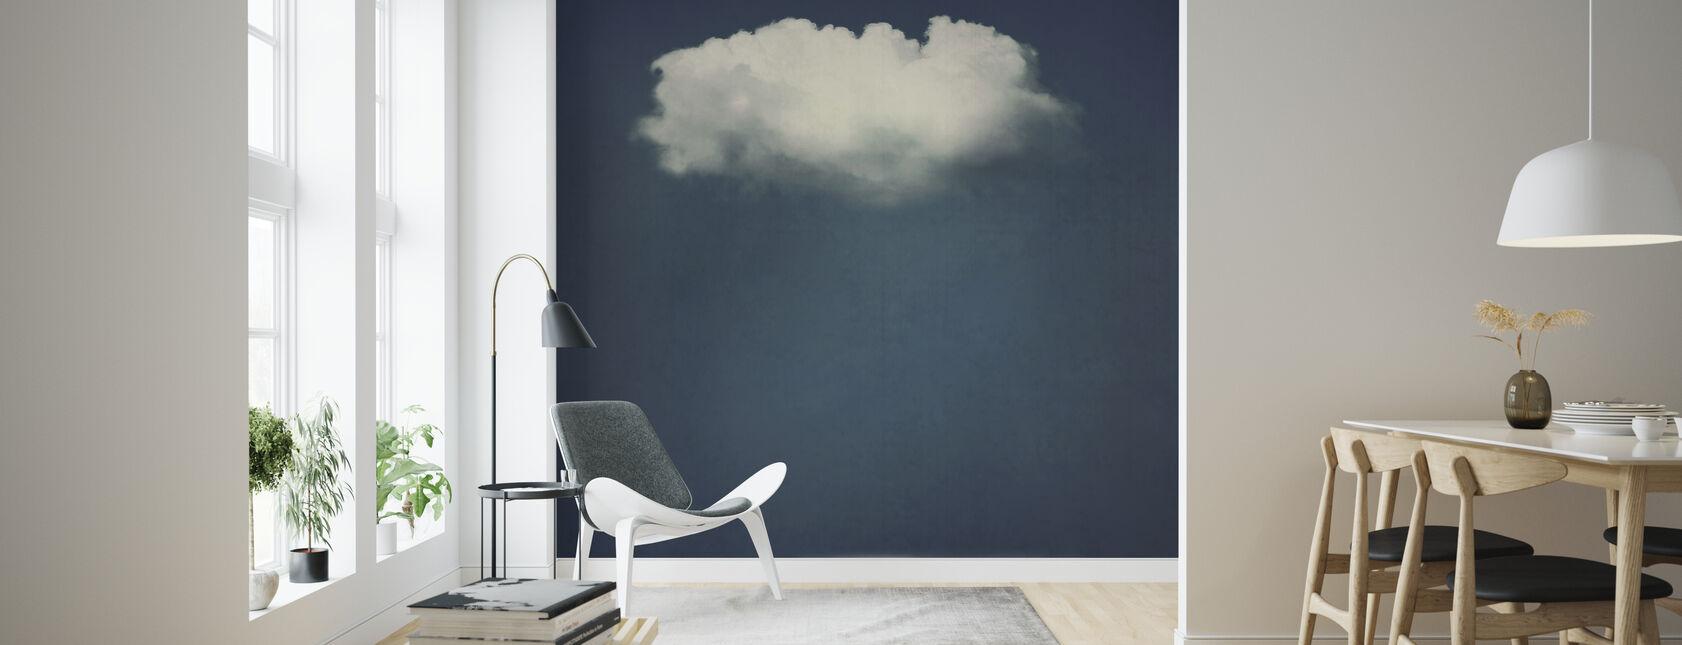 Solo Cloud - Wallpaper - Living Room